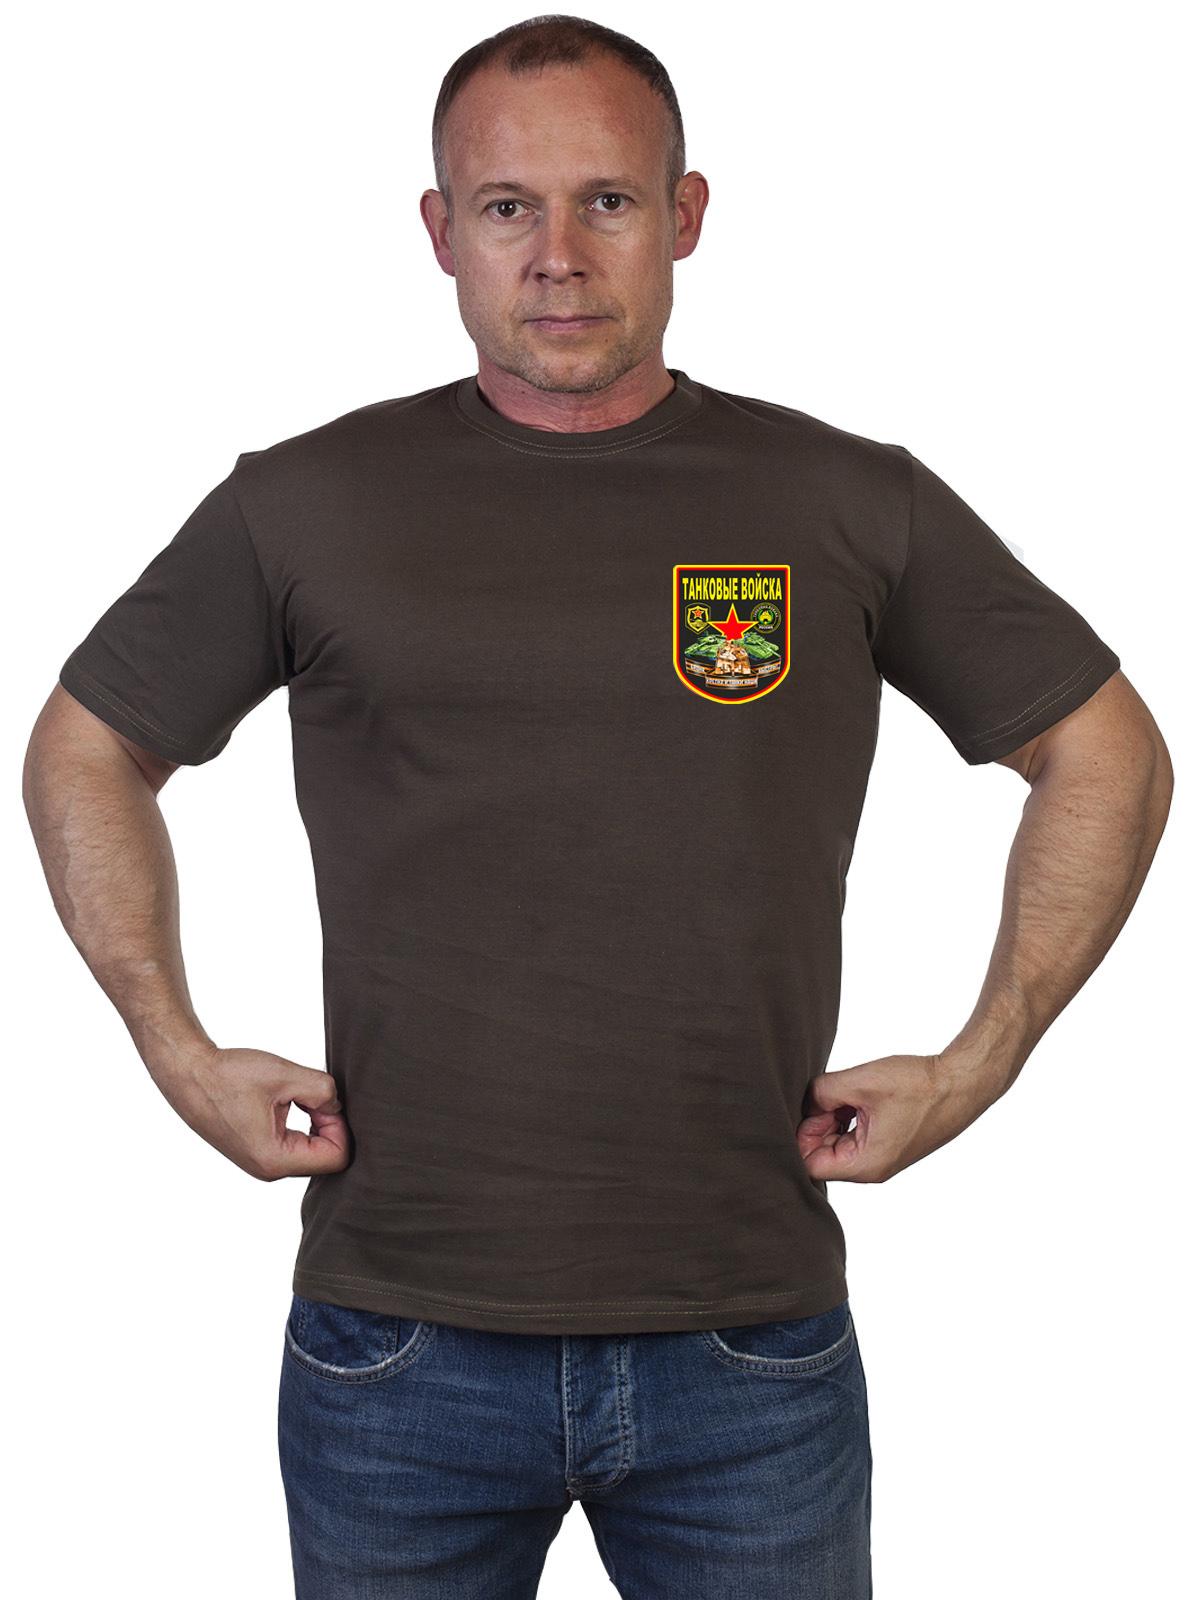 Купить футболку с символикой танкистов недорого